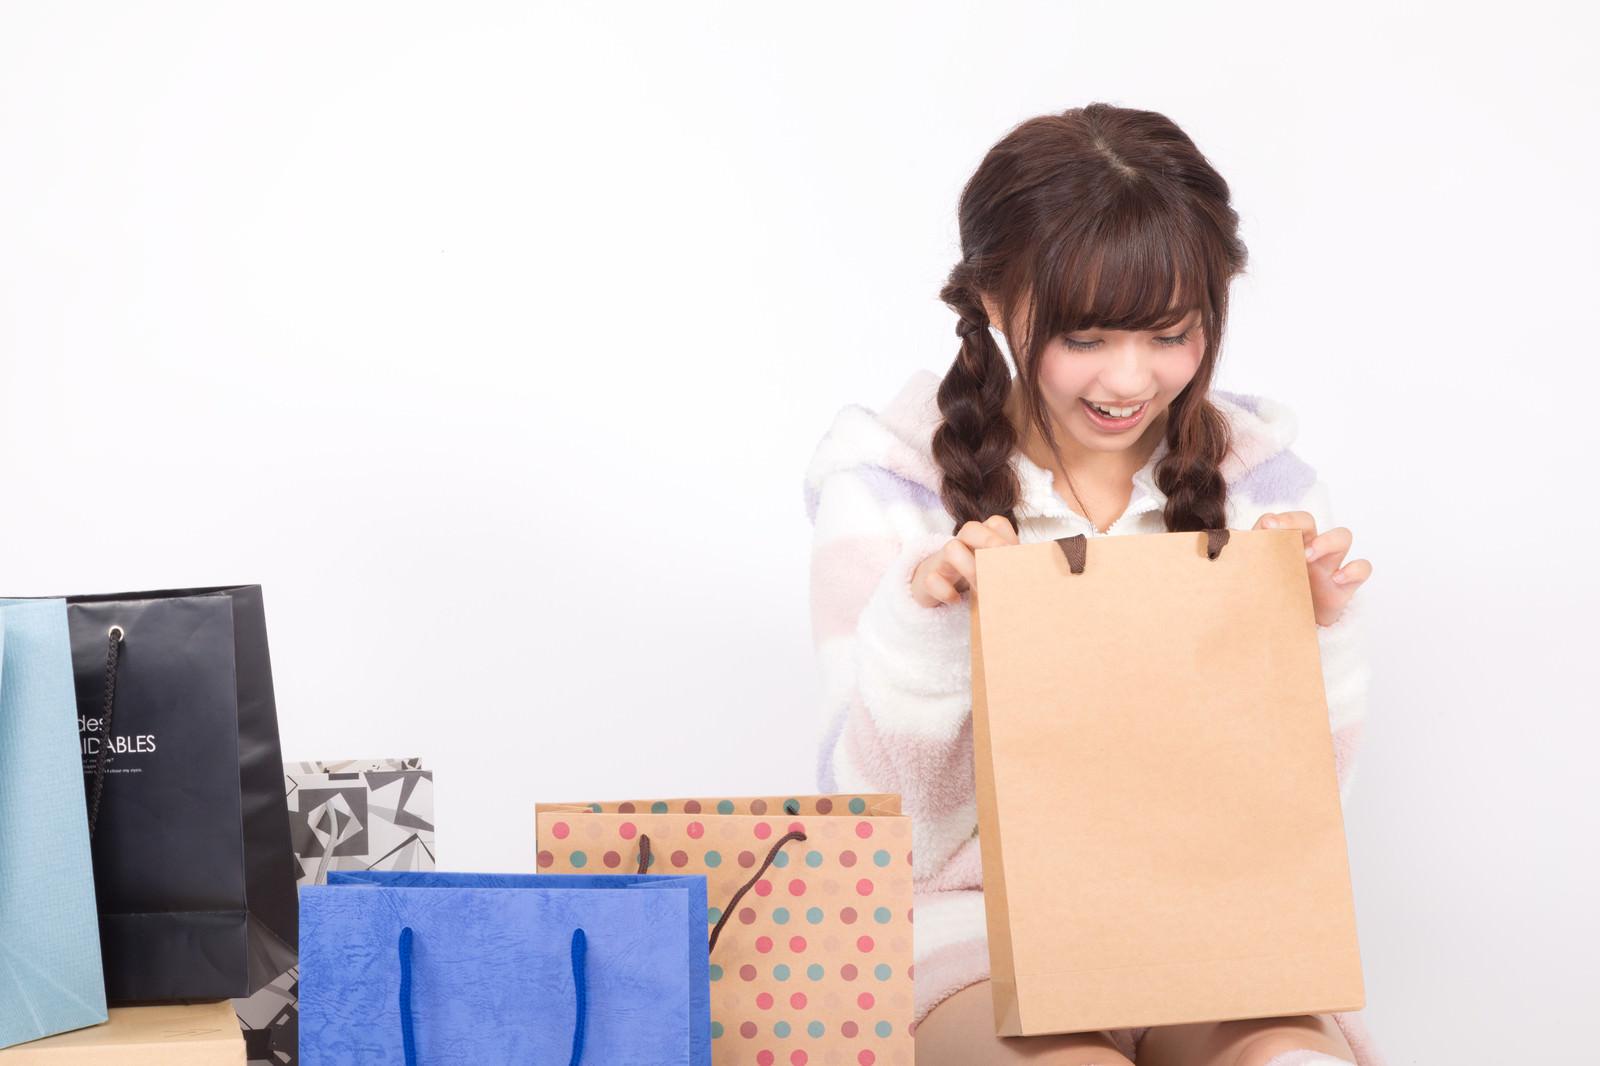 「届いたプレゼントを開封して喜ぶ女性届いたプレゼントを開封して喜ぶ女性」[モデル:河村友歌]のフリー写真素材を拡大